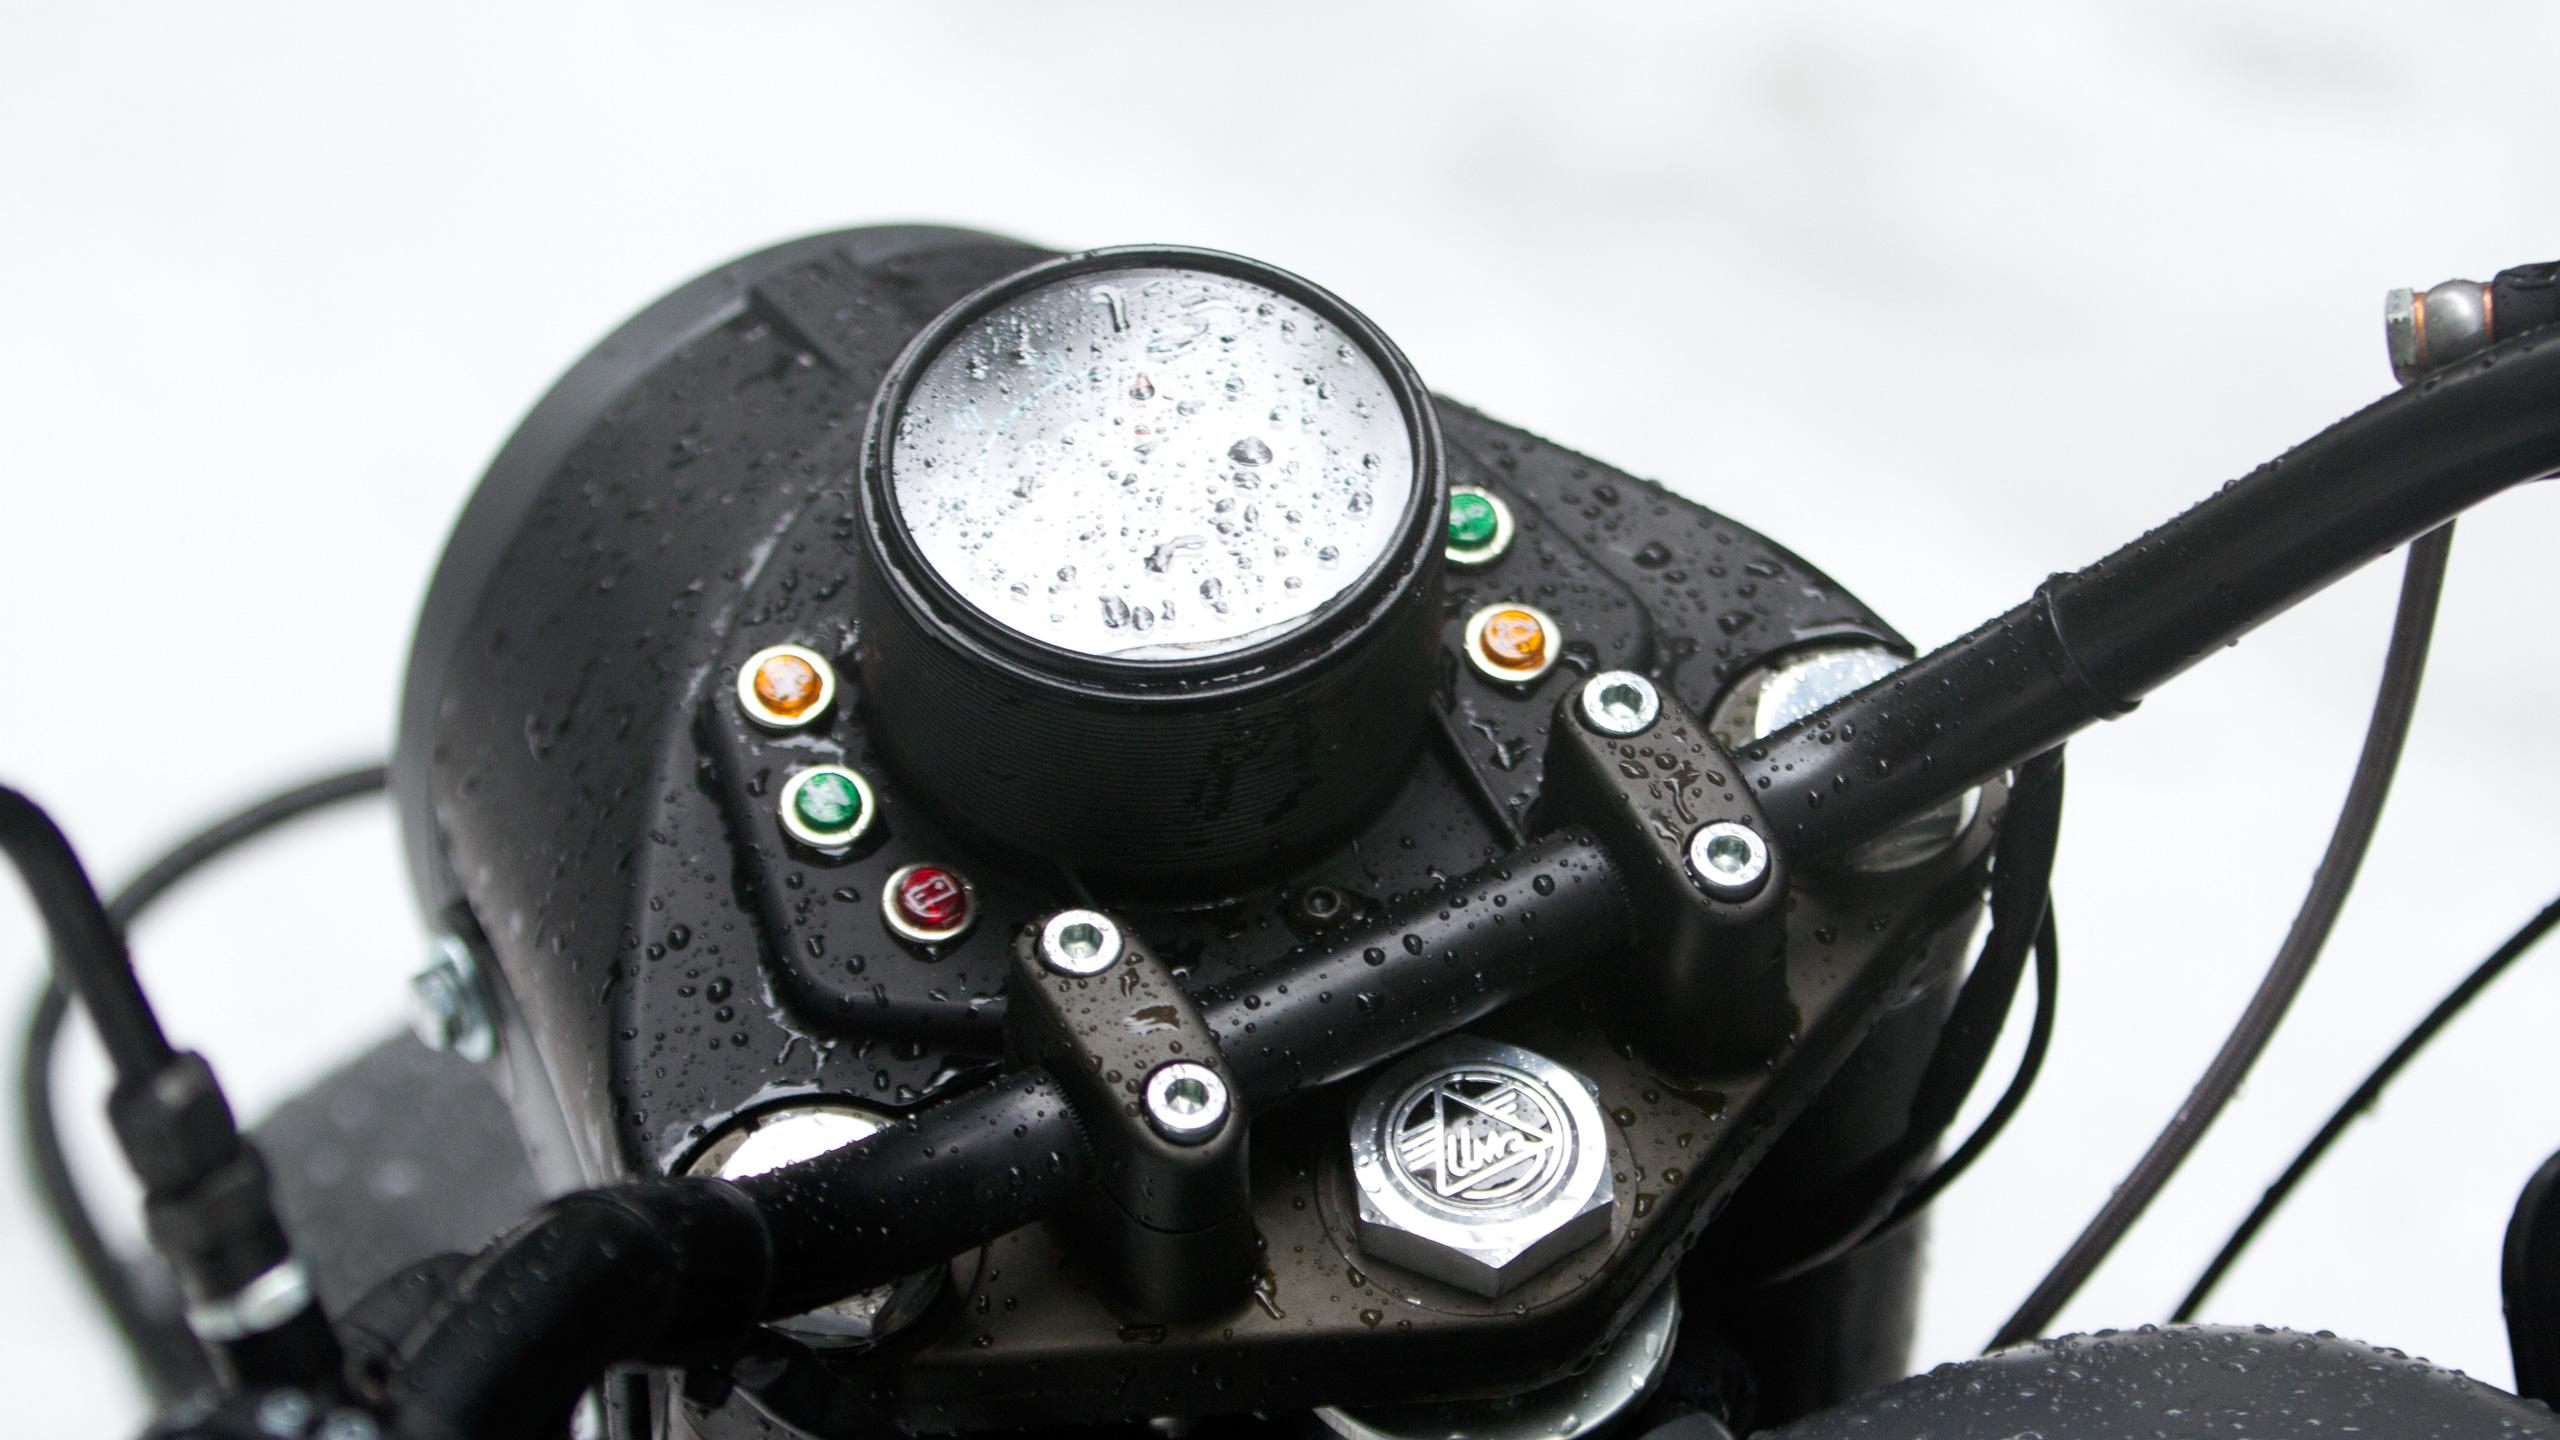 2560x1440-speedometer.jpg